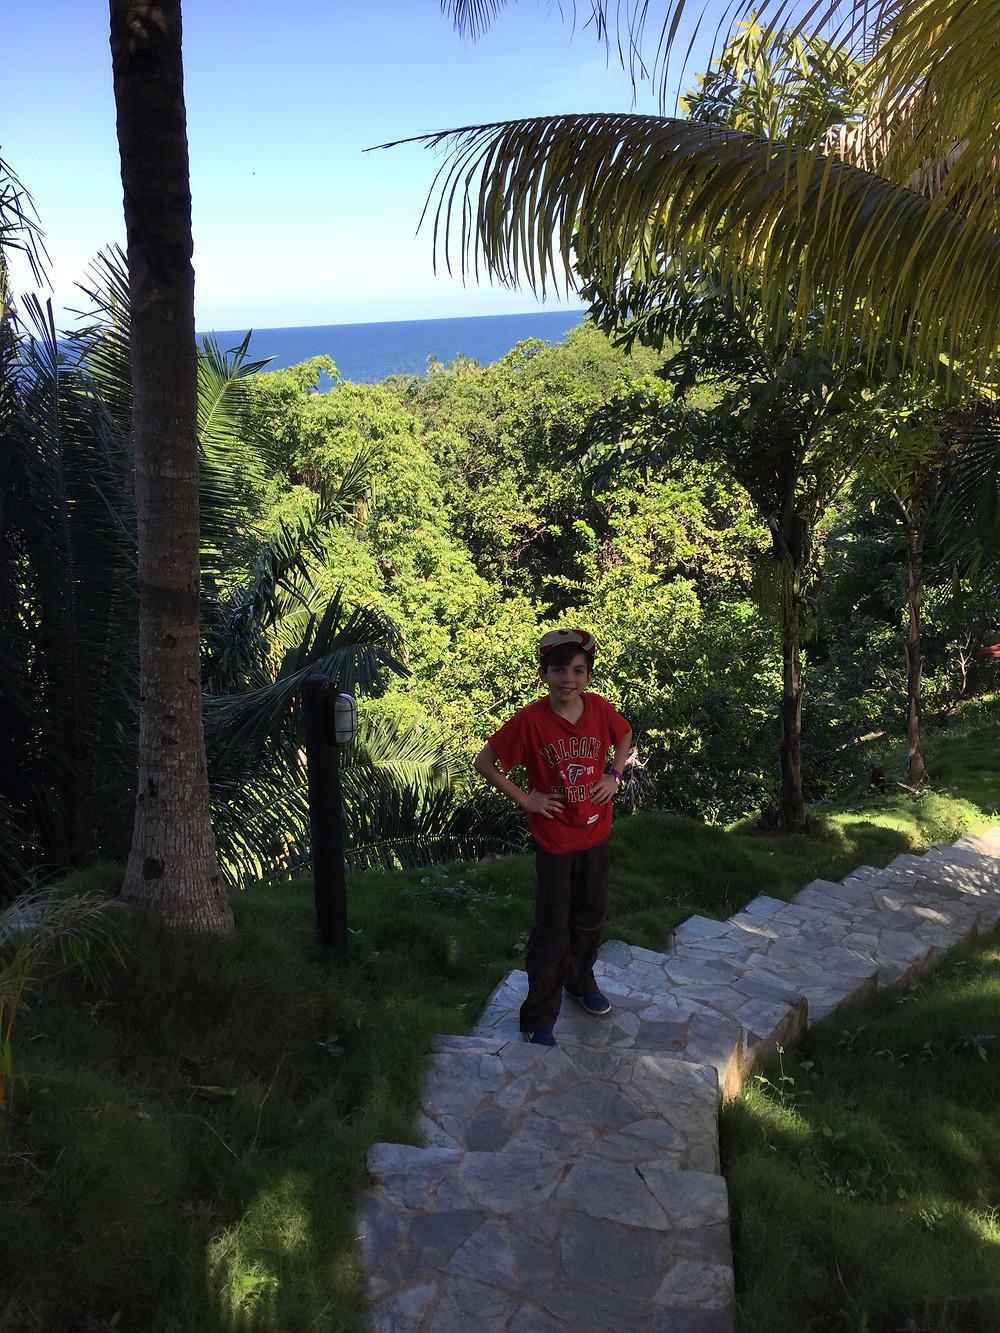 Villa Maria Tayrona National Park